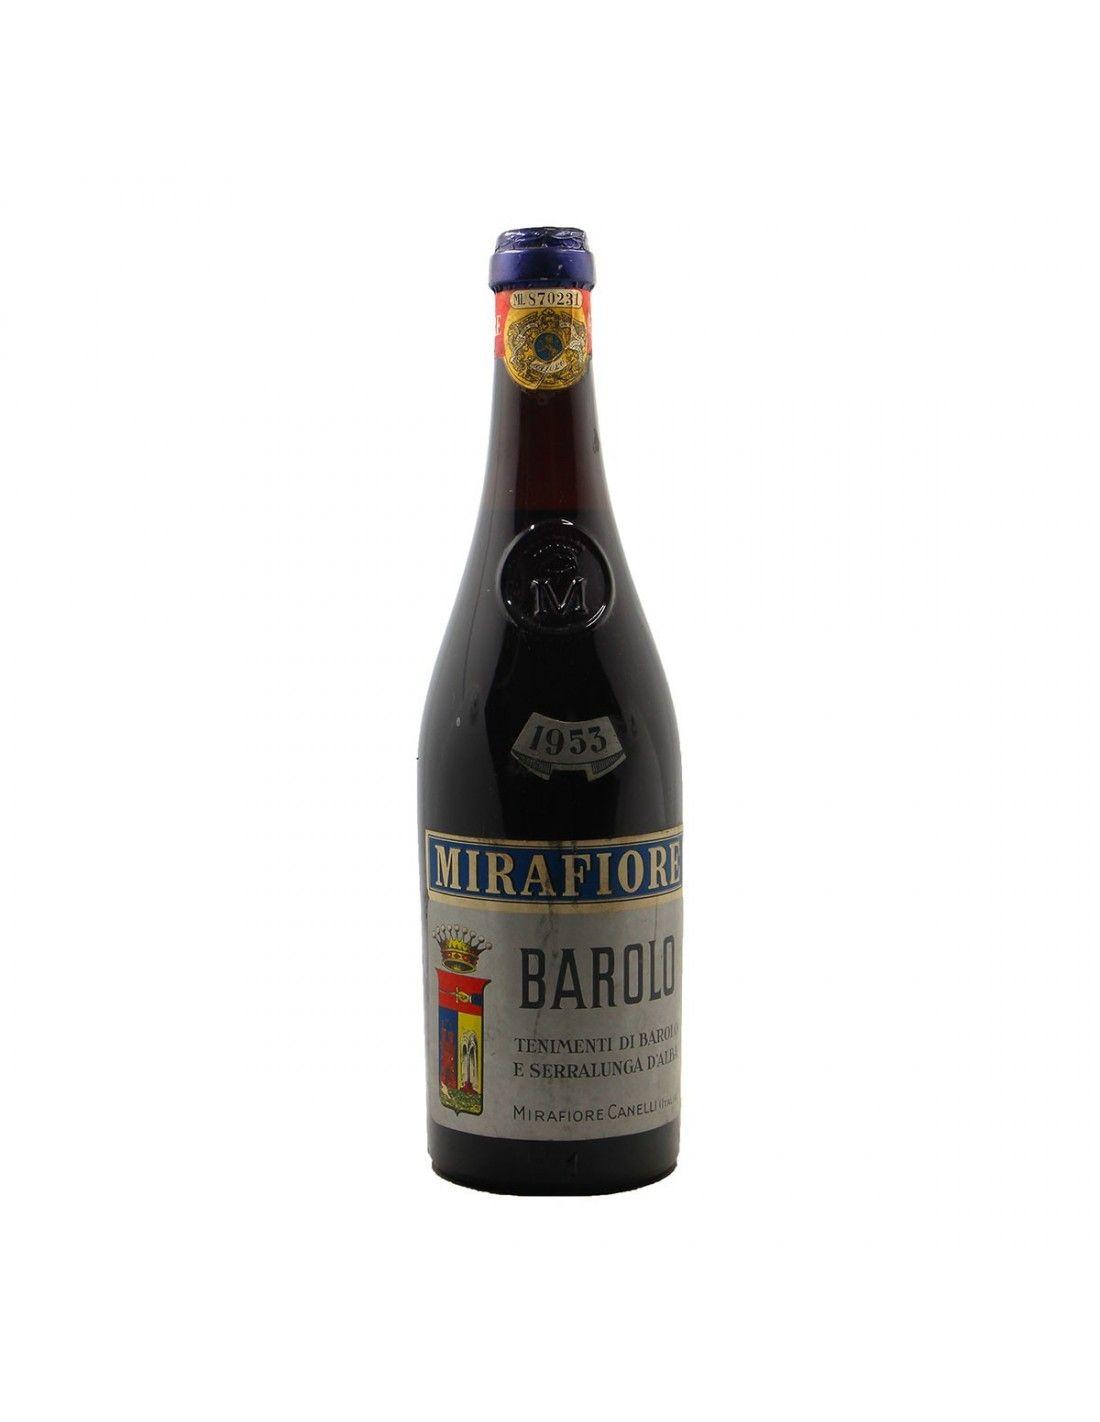 Barolo 1953 MIRAFIORE GRANDI BOTTIGLIE